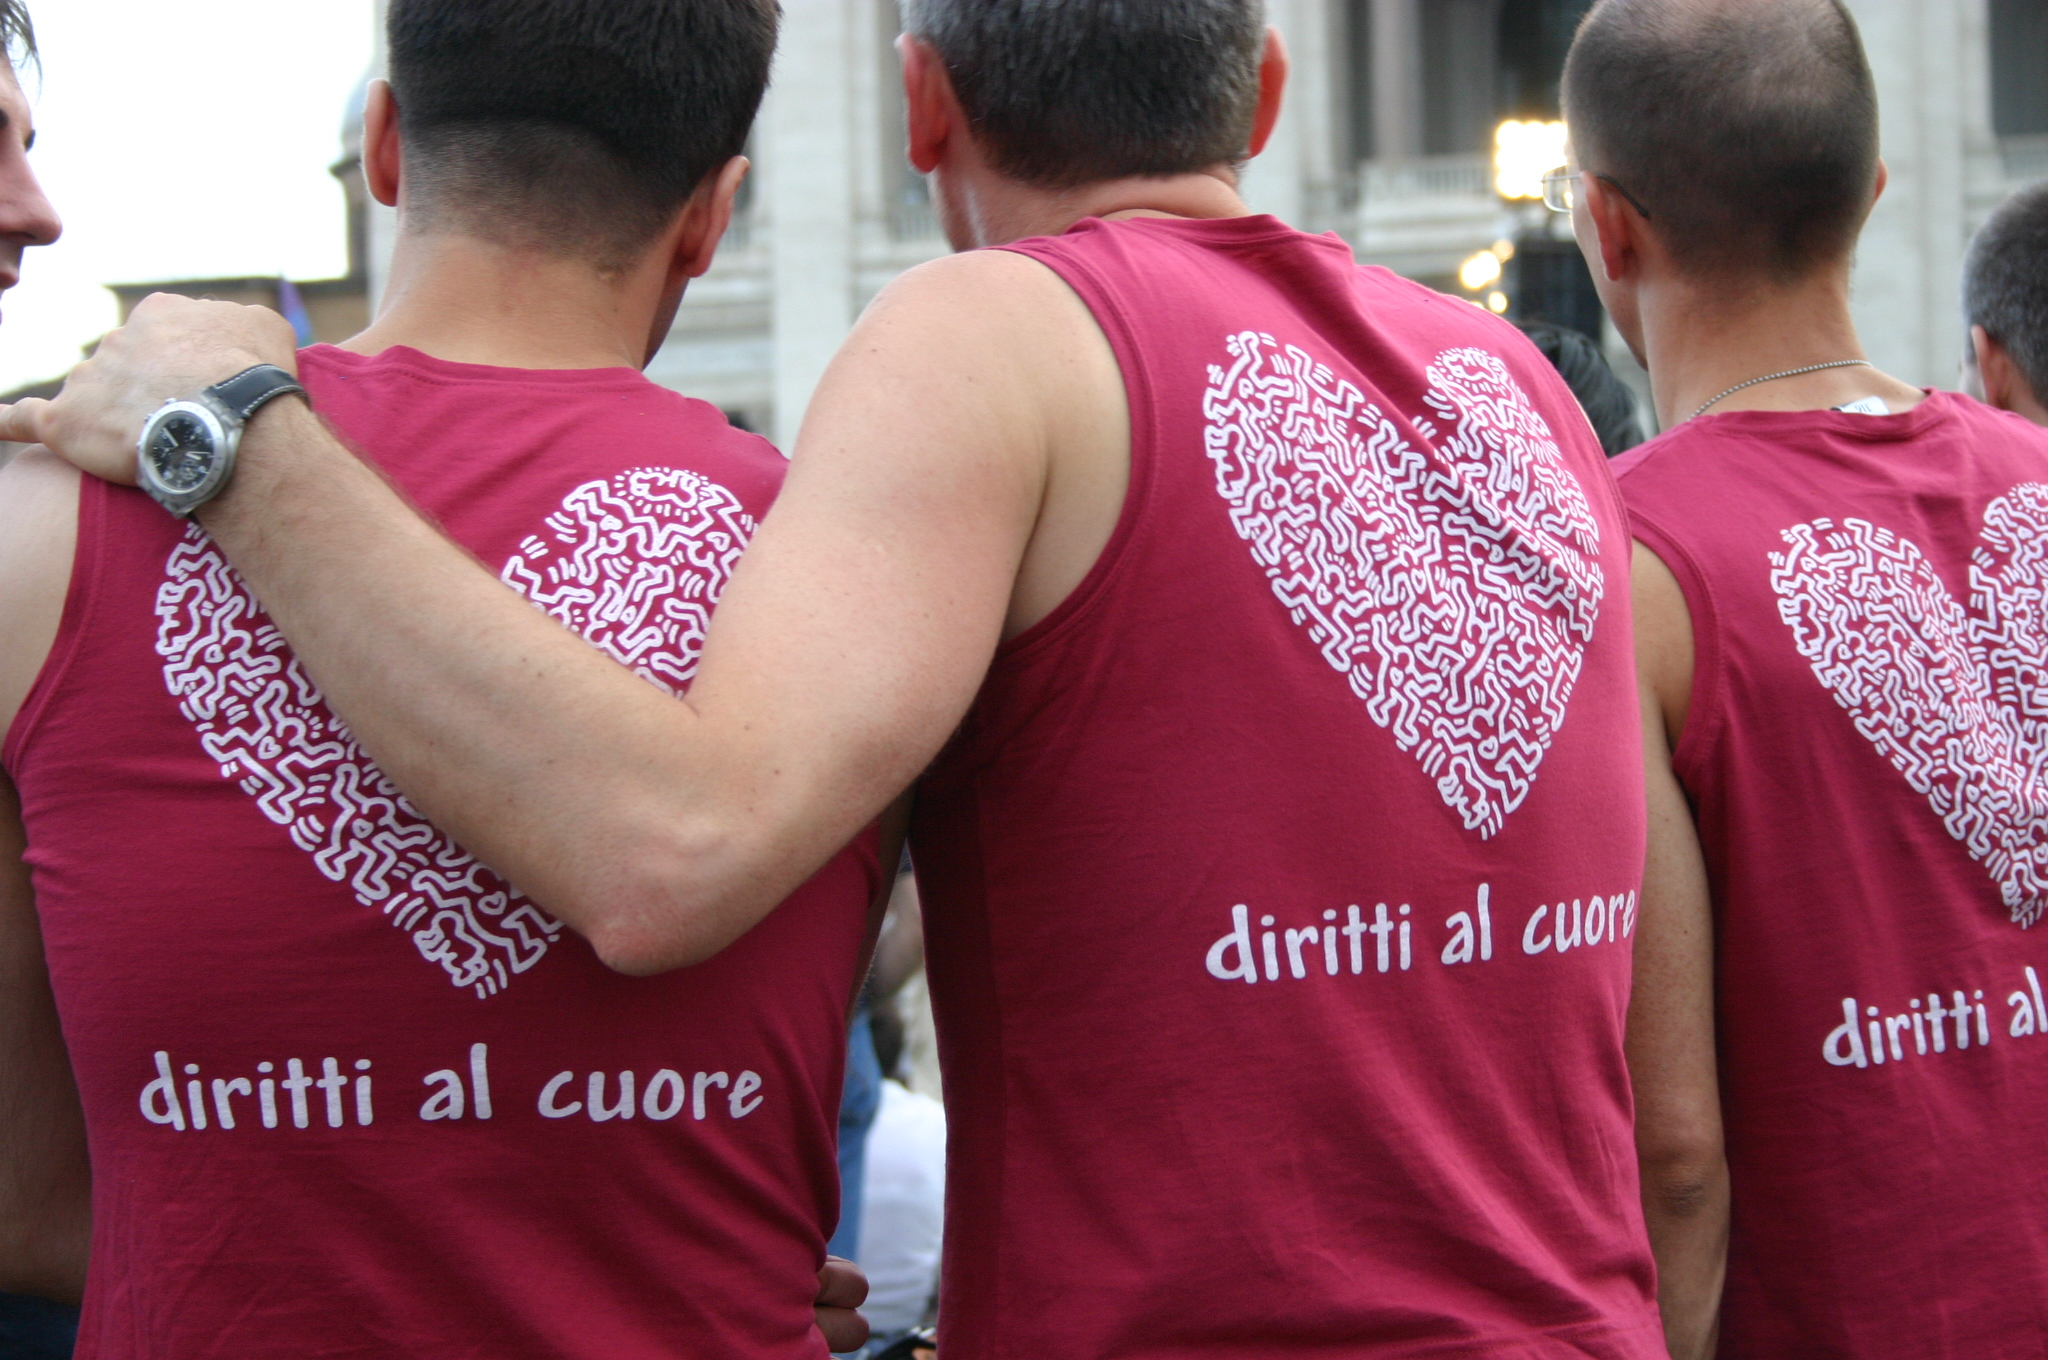 https://i1.wp.com/upload.wikimedia.org/wikipedia/commons/9/93/Diritti_al_cuore_-_Gay_Pride_di_Roma,_16-6-2007_-_Foto_Giovanni_Dall%27Orto.jpg